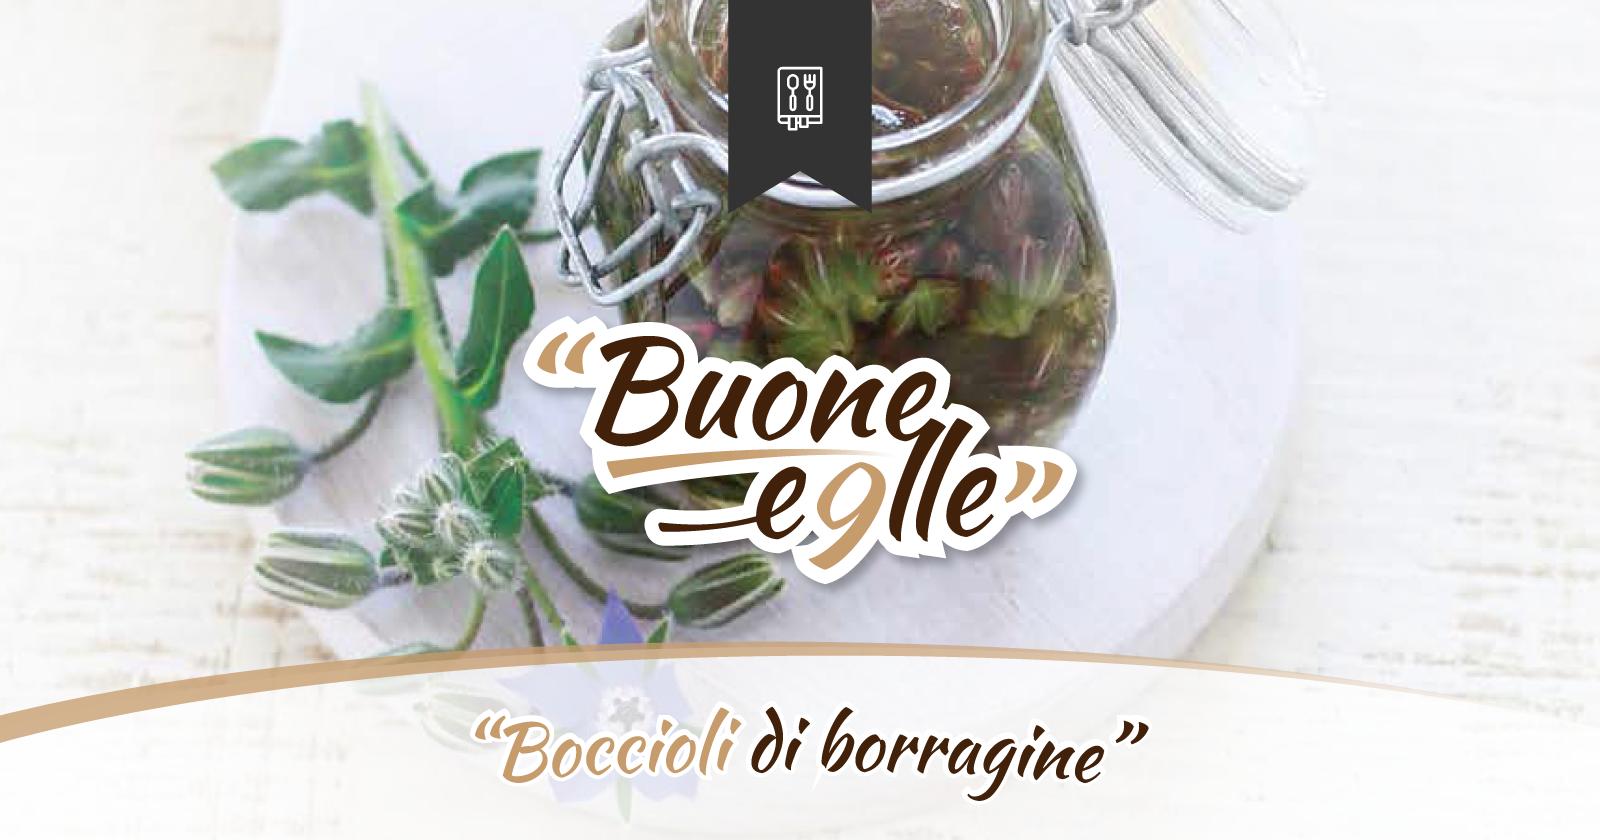 boccioli-di-borragine-in-agrodolce